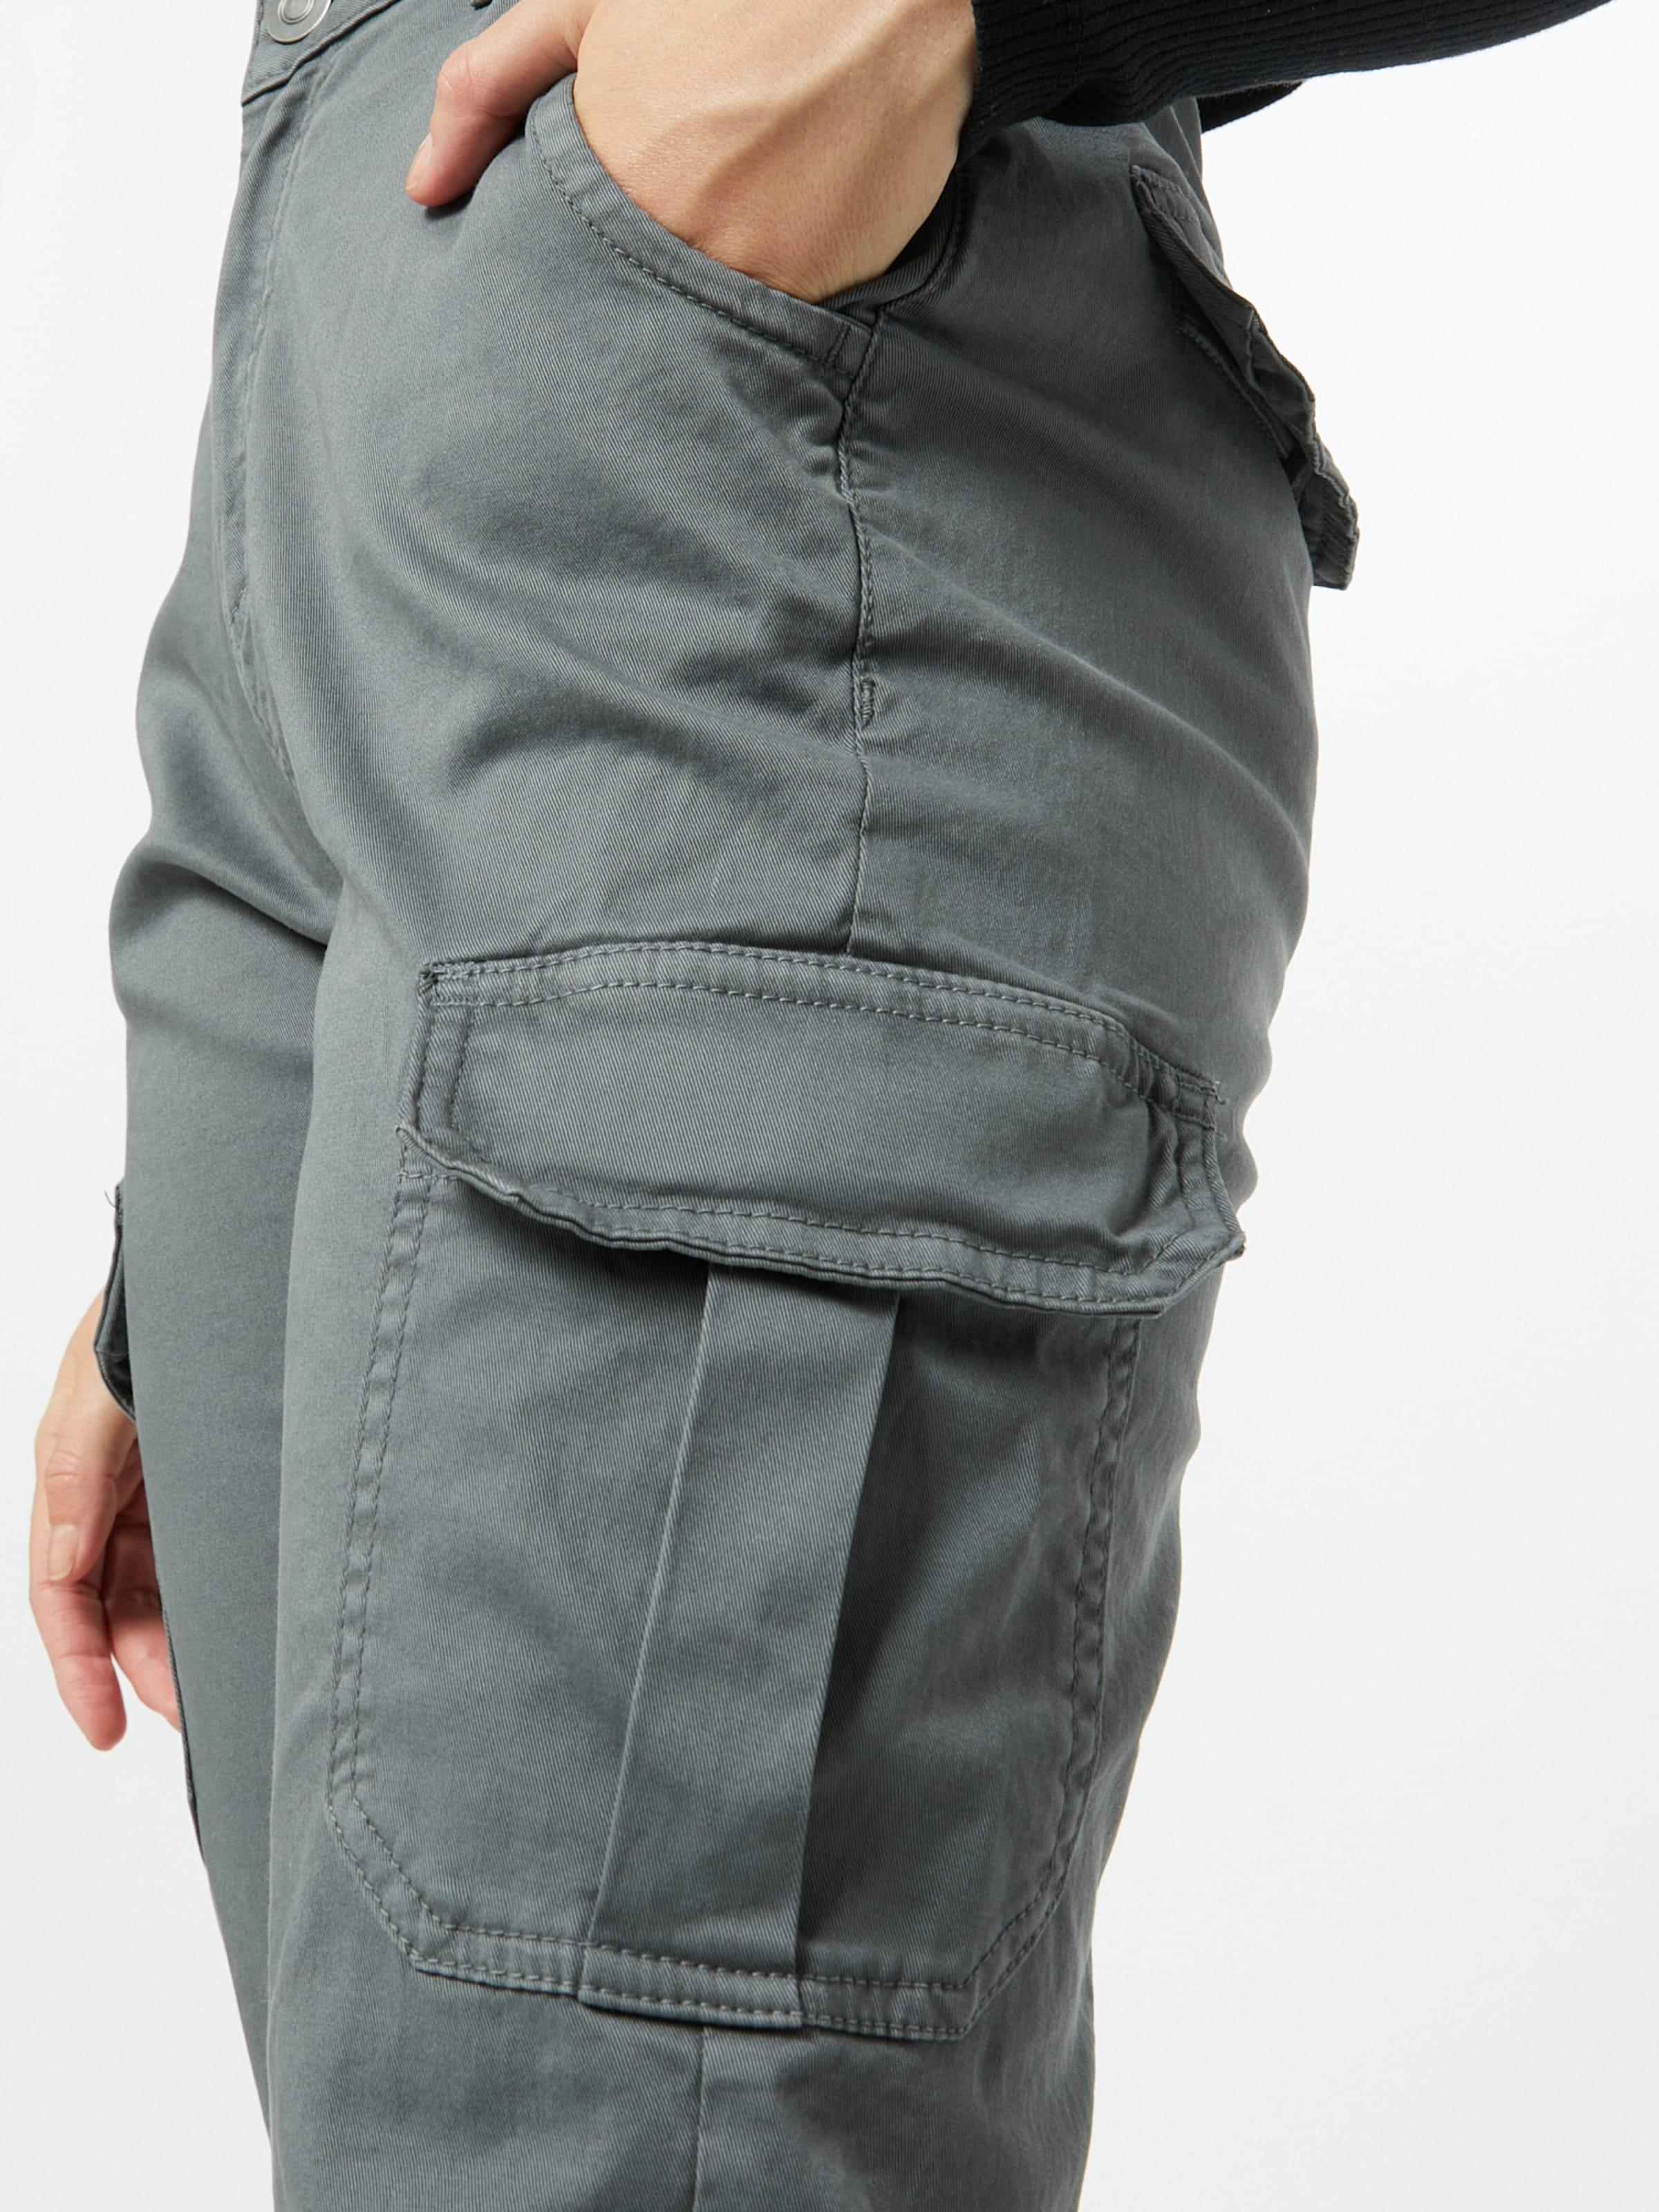 Urban Classics Cargo nadrágok világosszürke színben